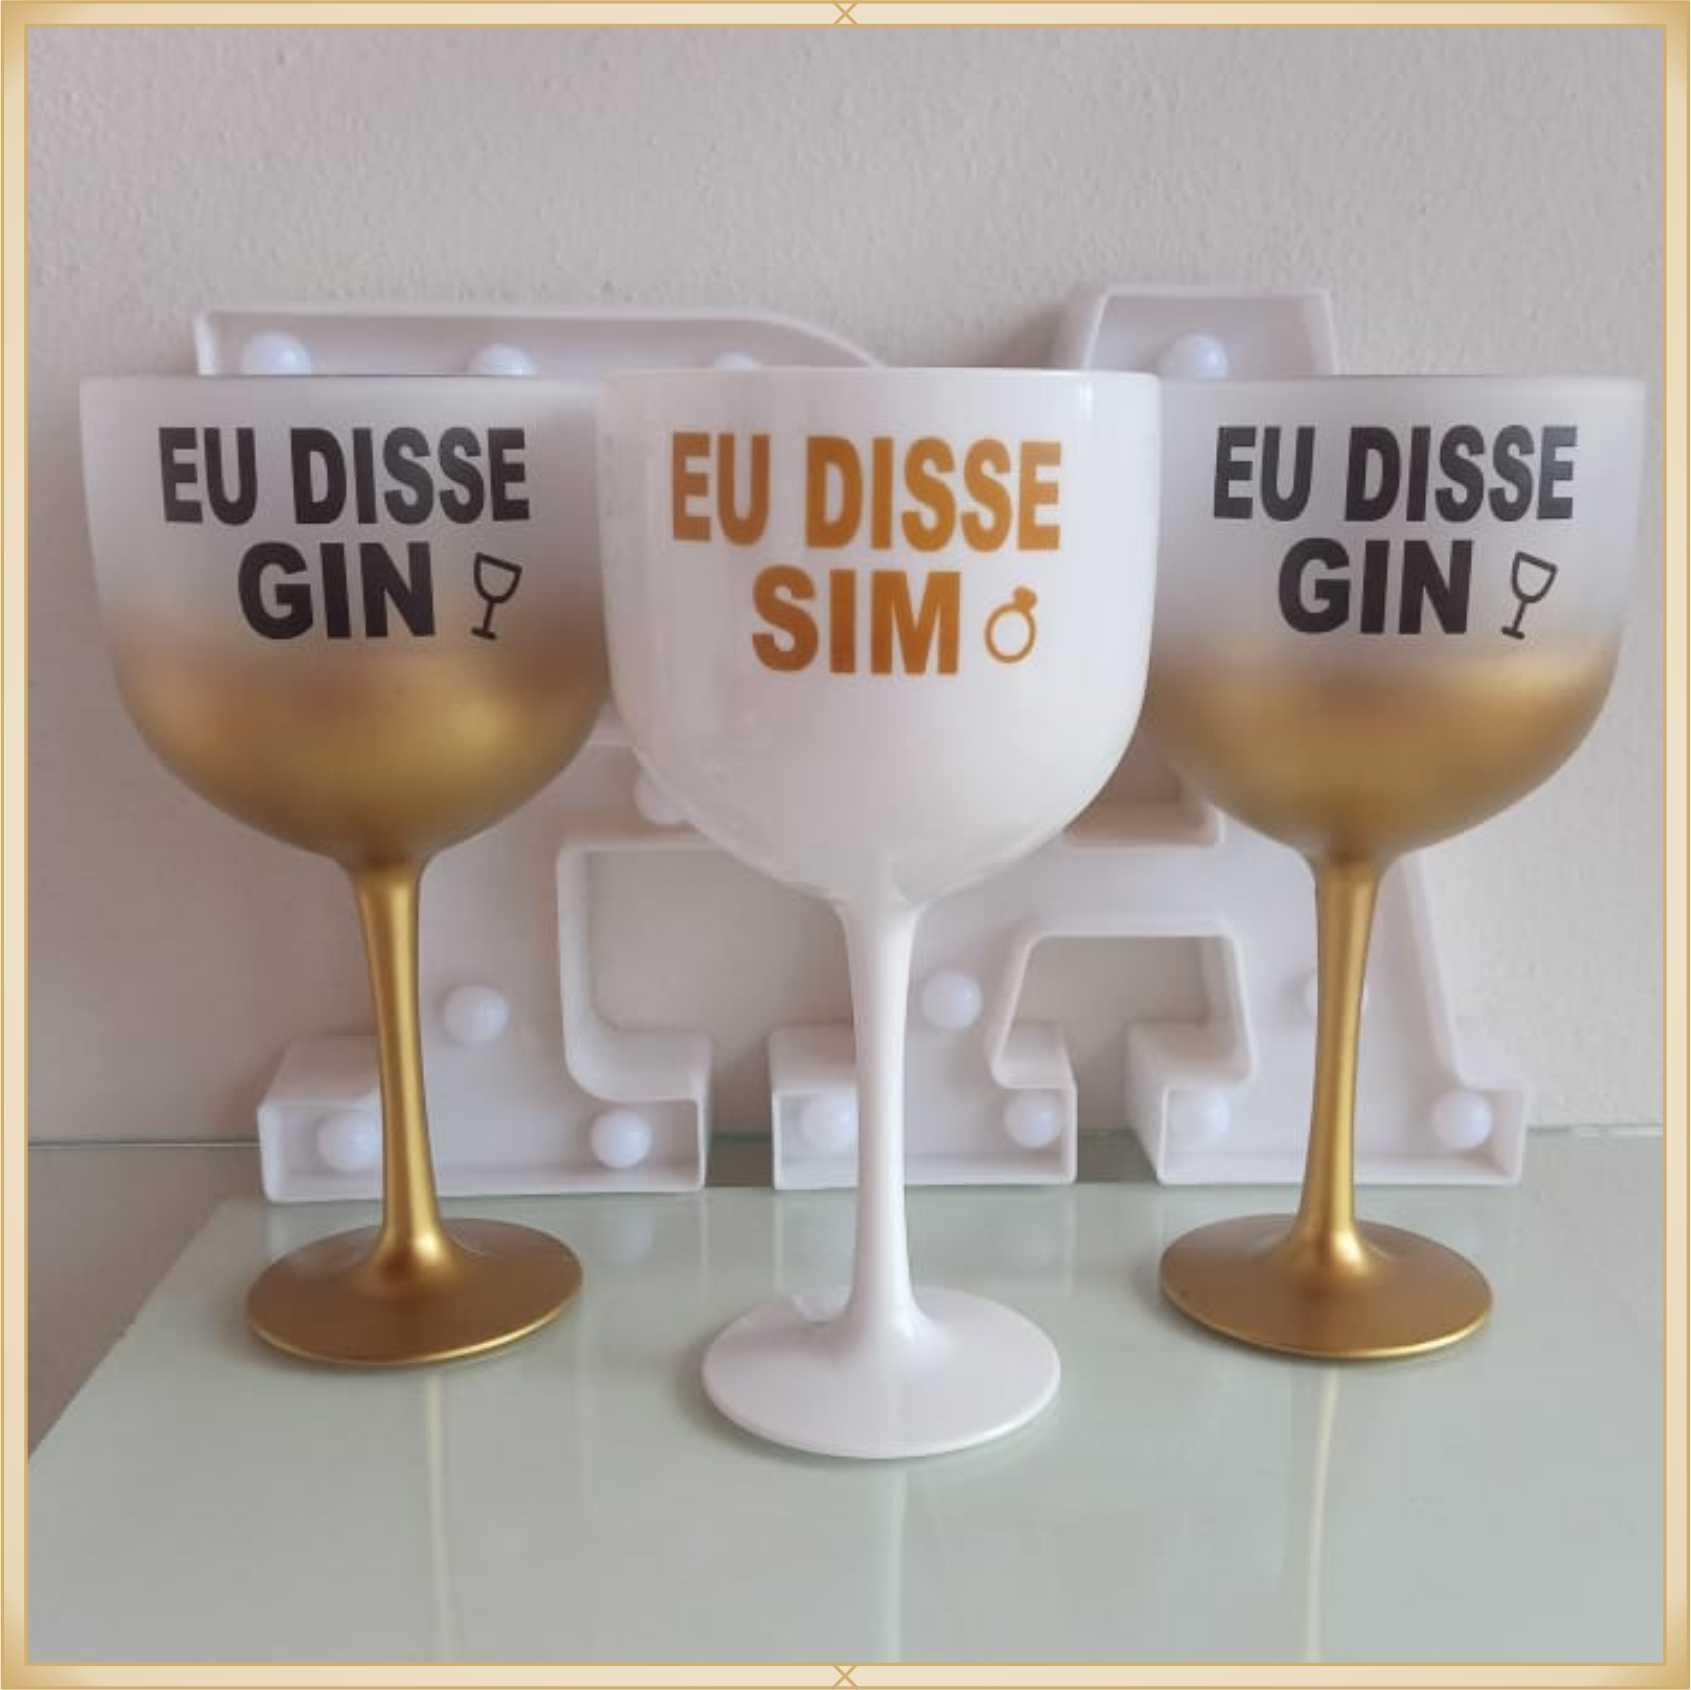 Taça de gin degradê personalizada Despedida de Solteira - produto de alta qualidade, brilhante, ótimo acabamento, parede de 2,5 mm, material atóxico, 580 ml. Kit 10 unidades